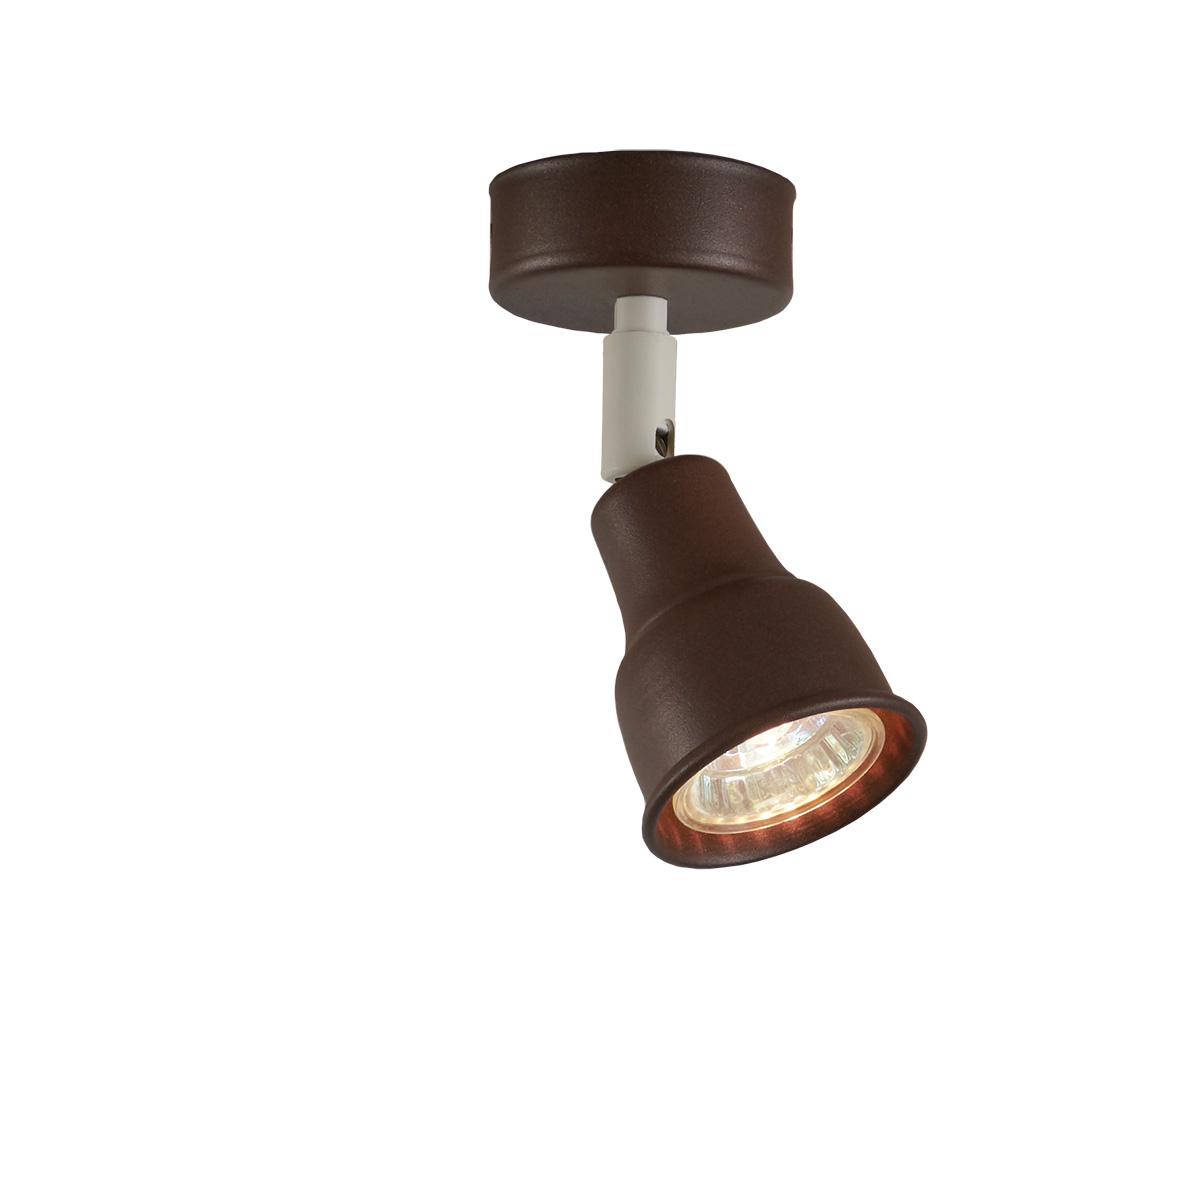 Σποτ οροφής & τοίχου ΔΗΛΟΣ rustic spotlight